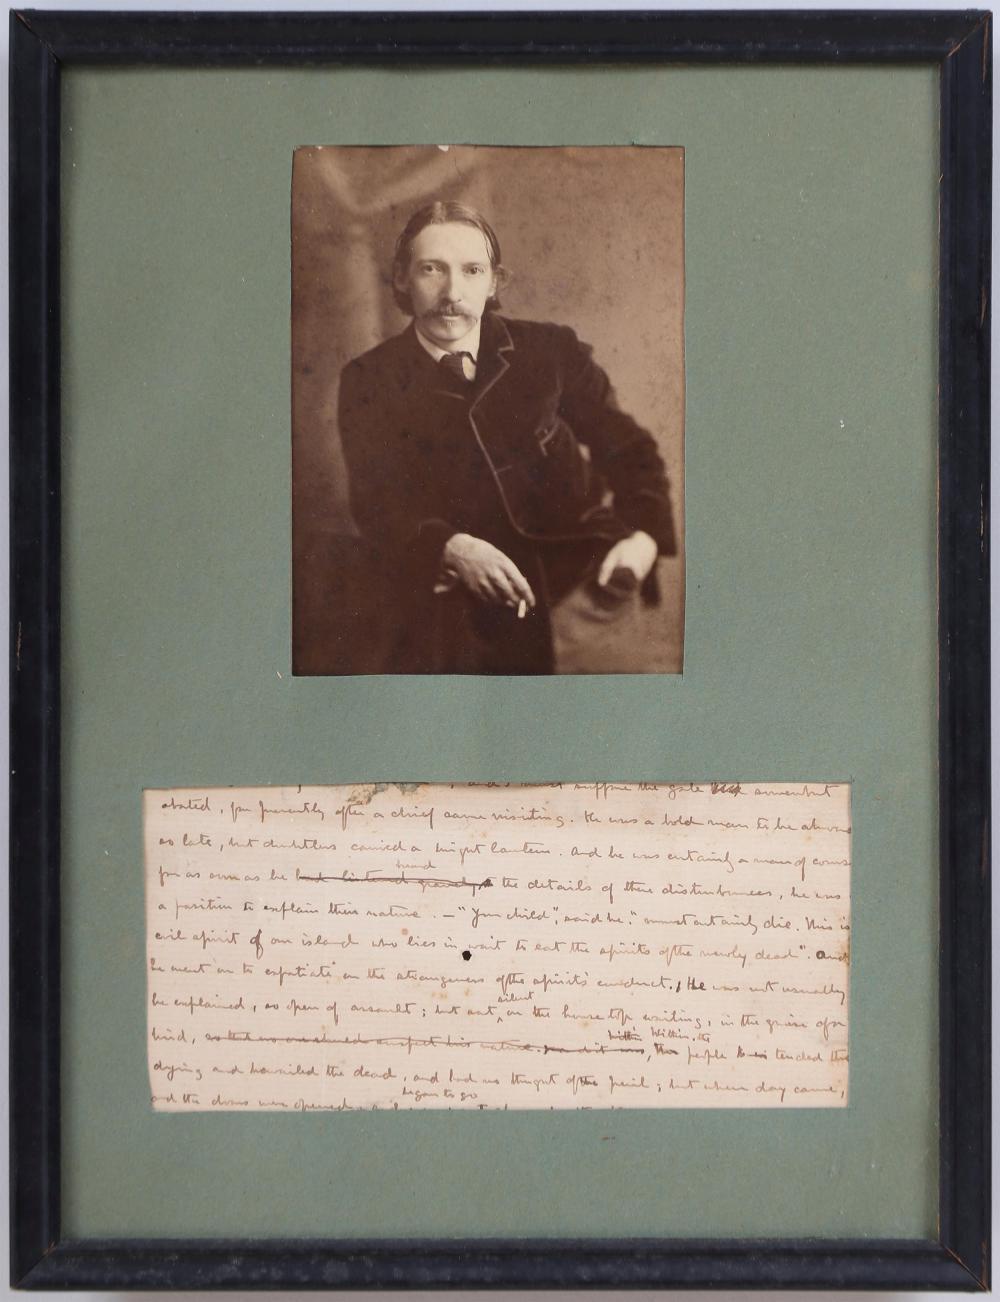 ROBERT LOUIS STEVENSON autograph manuscript